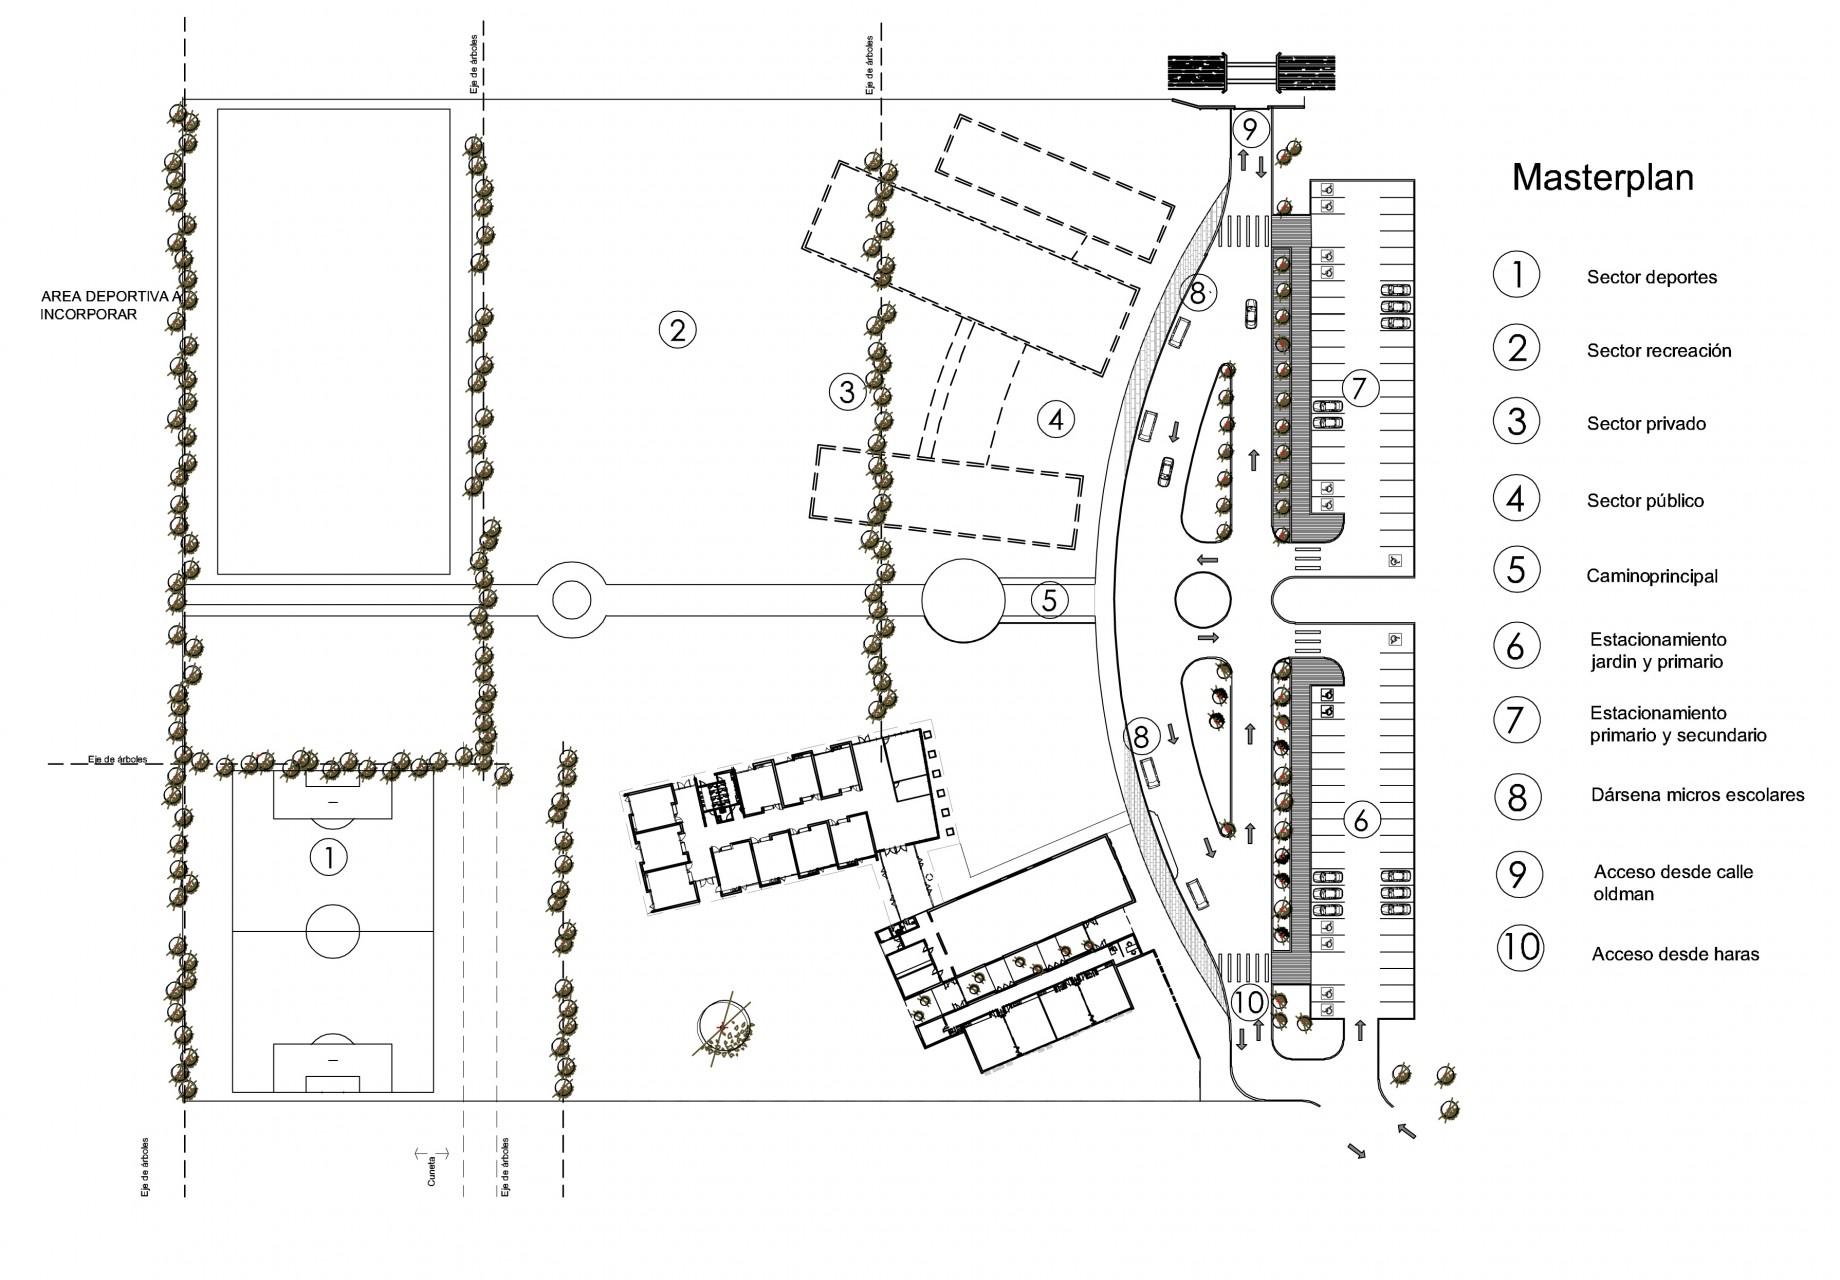 12-Masterplan San Lucas HSM